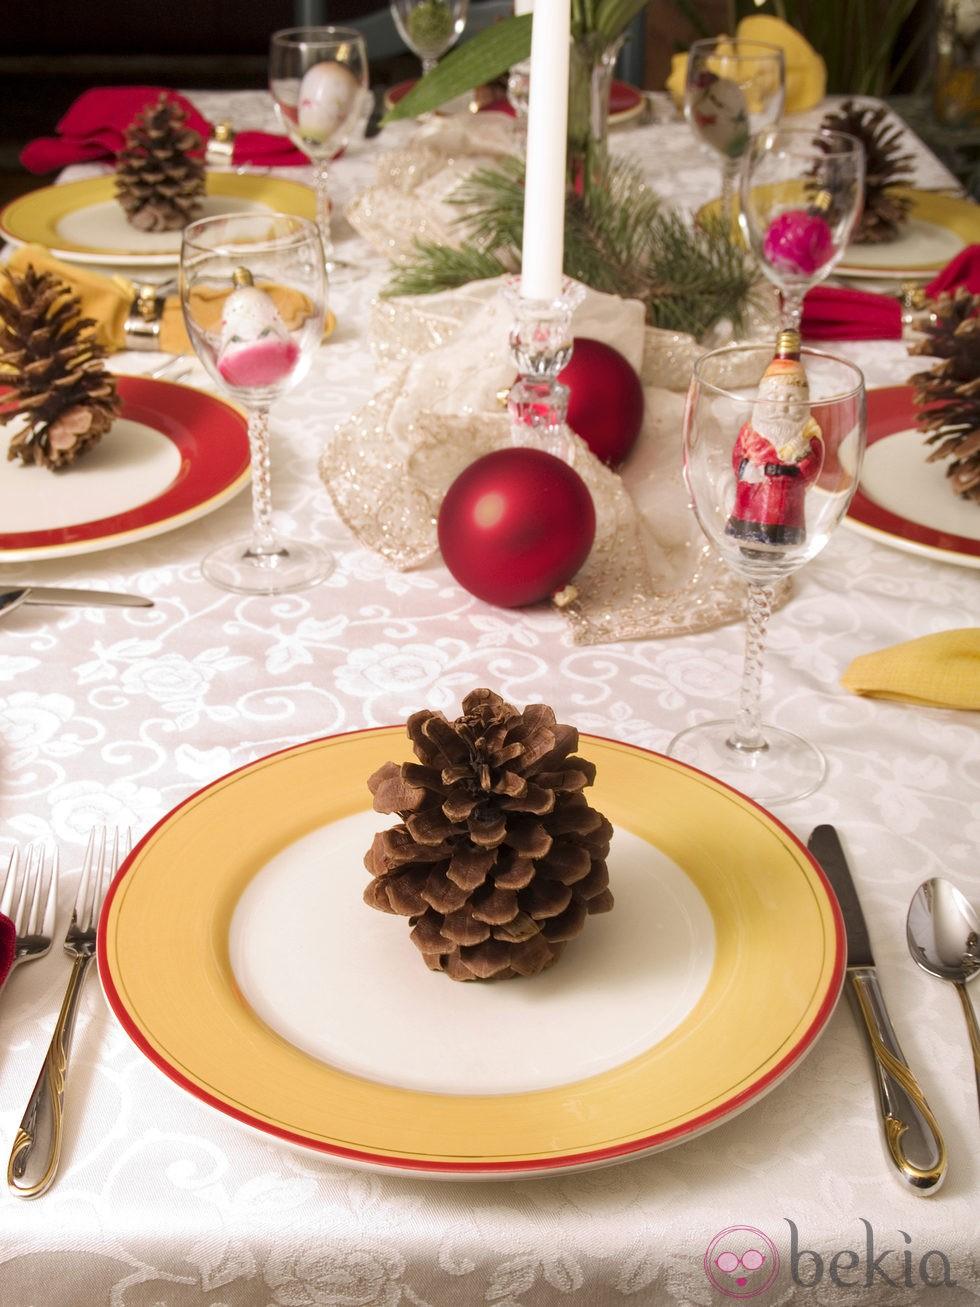 Casas cocinas mueble como decorar de navidad - Decoracion de navidad para la mesa ...